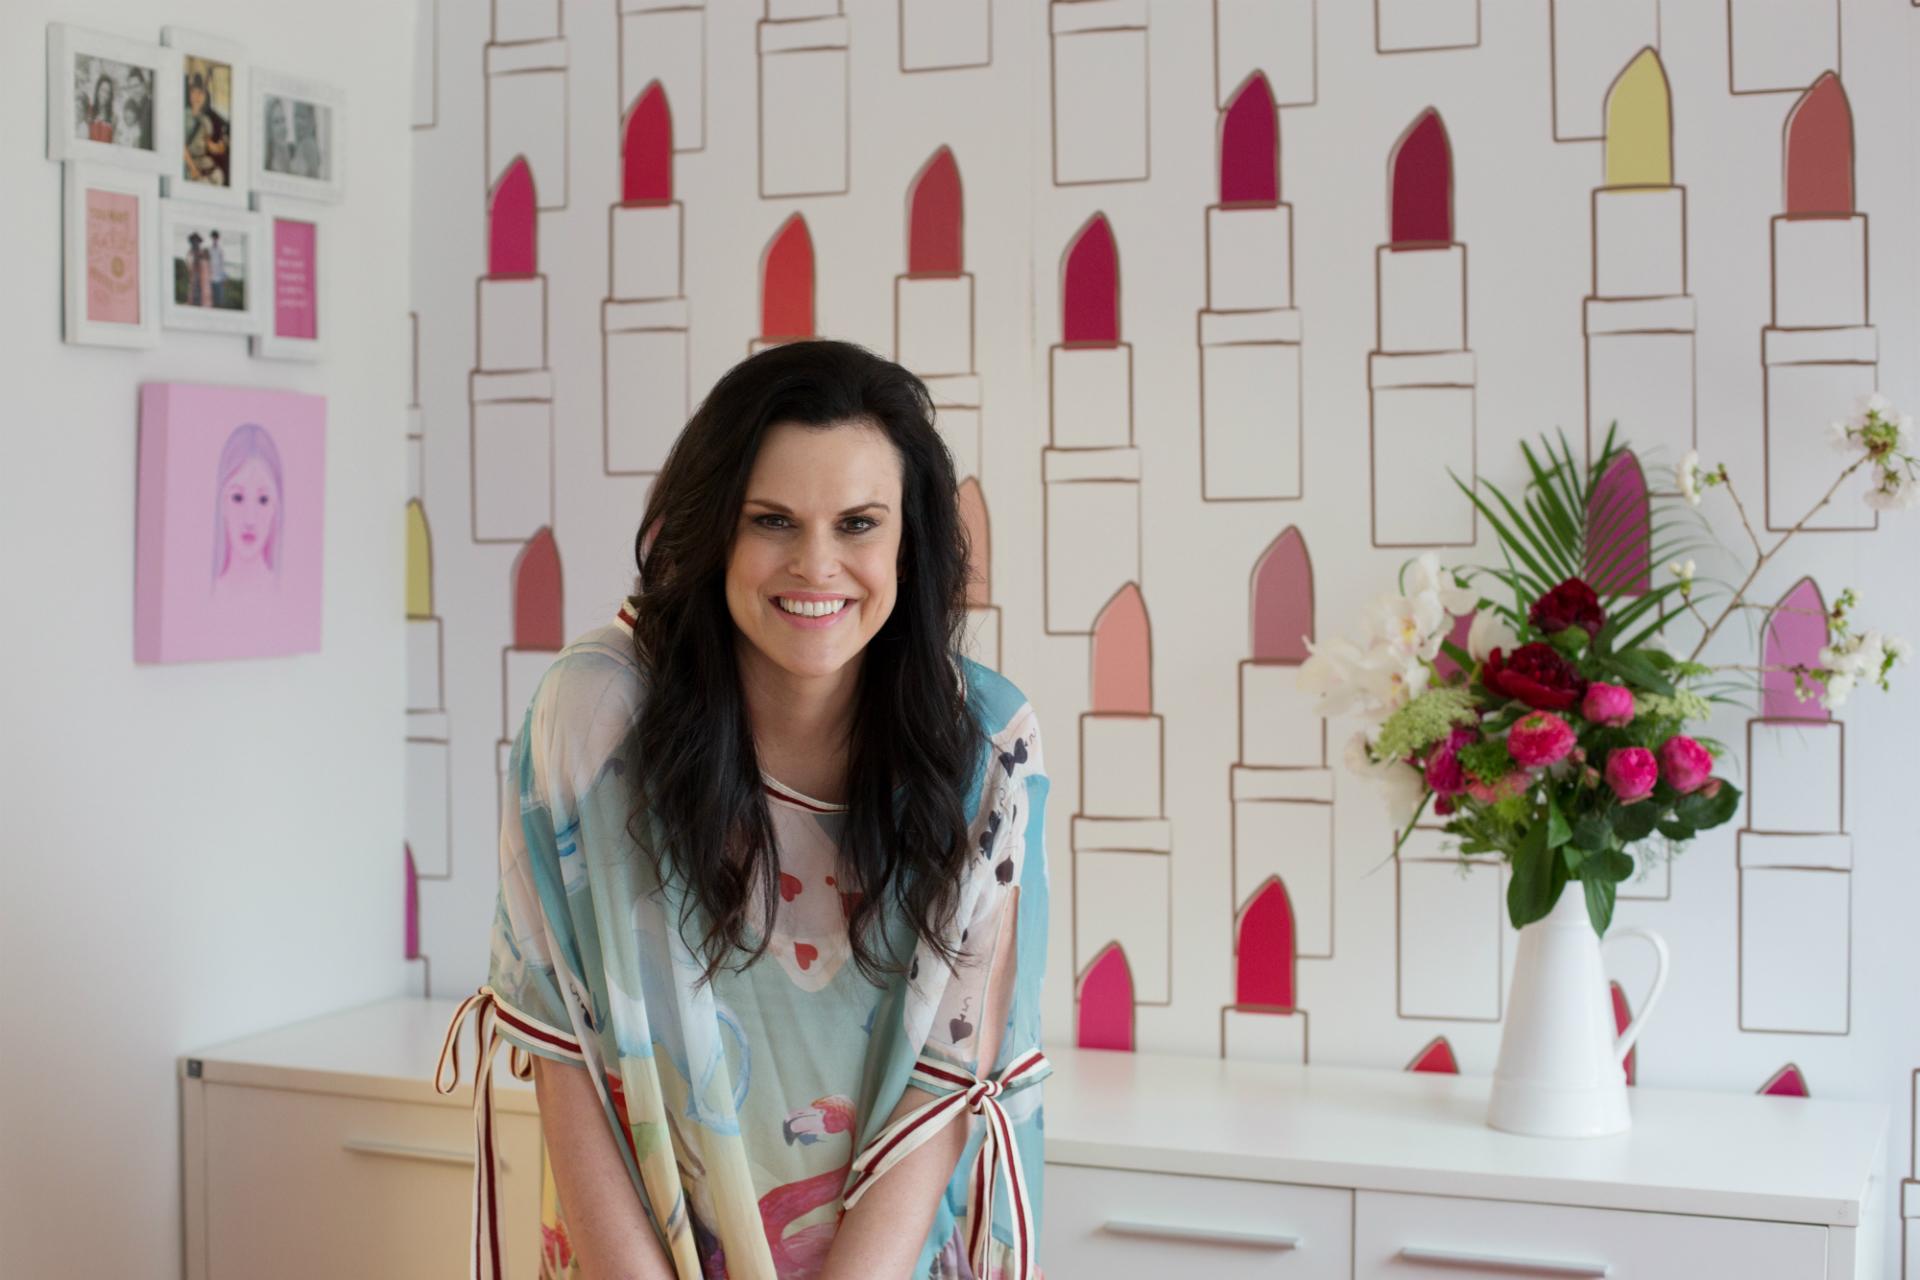 從喜歡花和口紅的女孩,到經營跨國品牌的創業家 – 紐西蘭天然口紅品牌創辦人 Karen Murrell